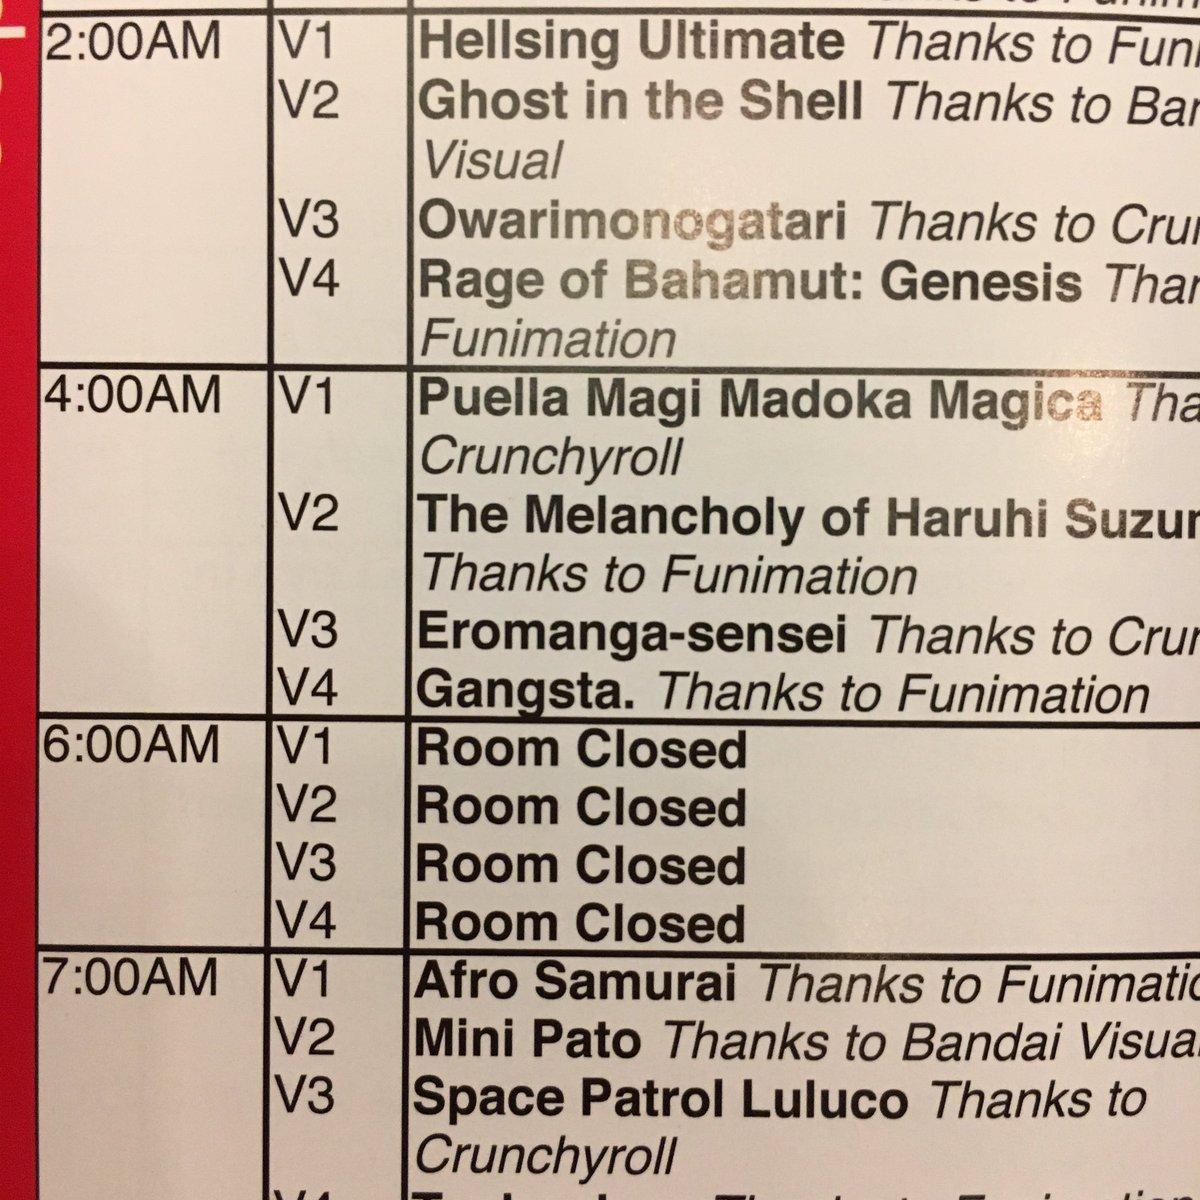 アメリカのコミコン(コミケ的なやつ)に来てるんだけど、ホテルのバンケットルーム貸し切りで24時間アニメ上映会とかやってて